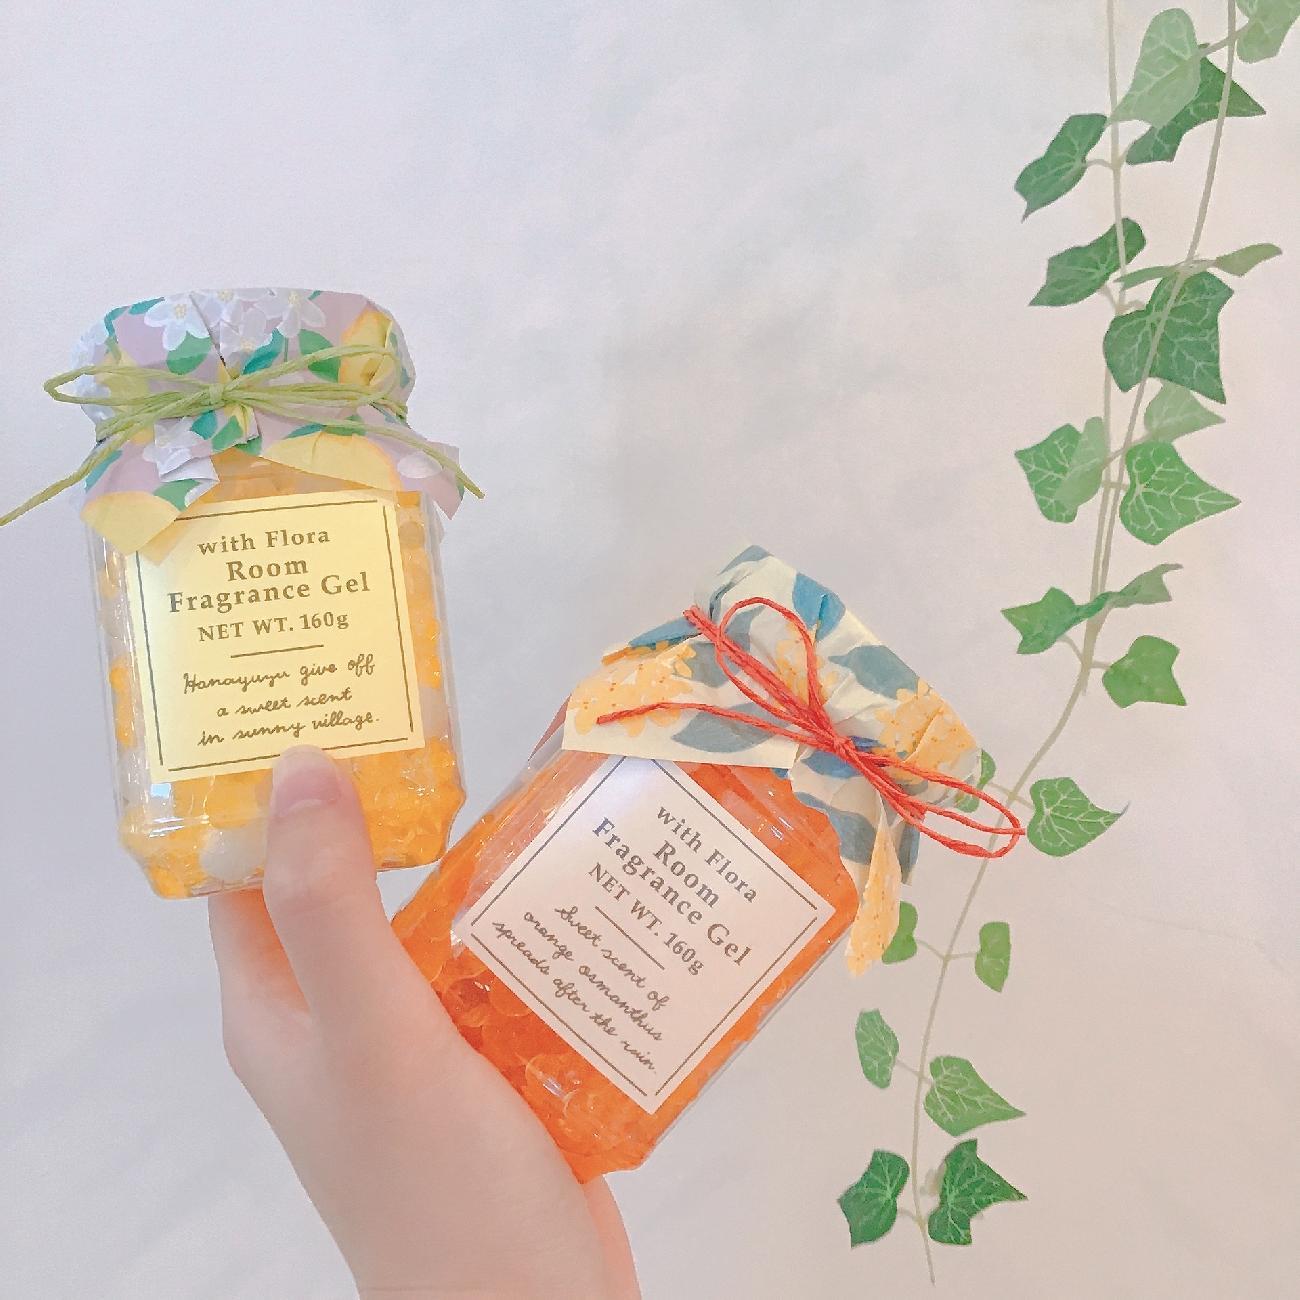 香り/金木犀/花柚子/花/お花/ウィズフローラ/ハンドクリーム/ボディーミルク/サシェ/ジェル/良い香り